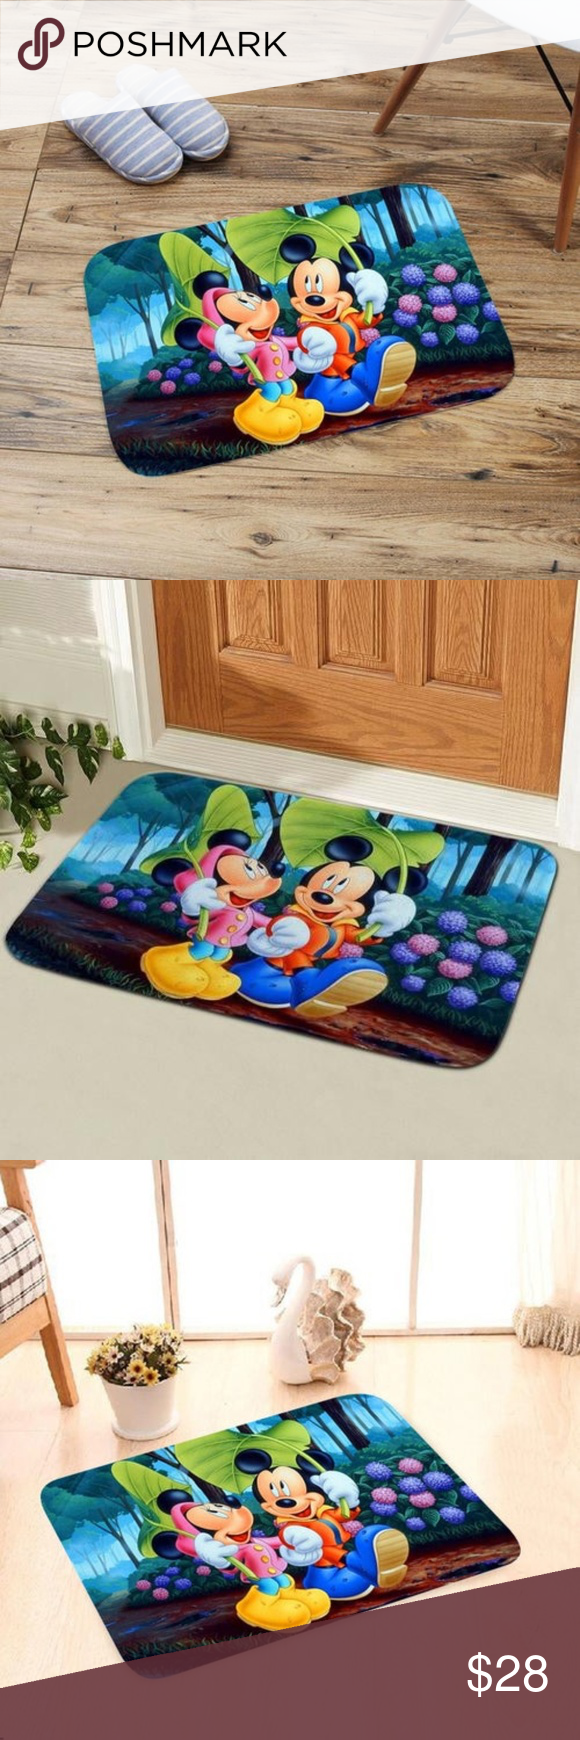 Disney Mickey Minnie Leaf Umbrella Bath Mat Memory Foam Cushion Umbrella Disney Mickey